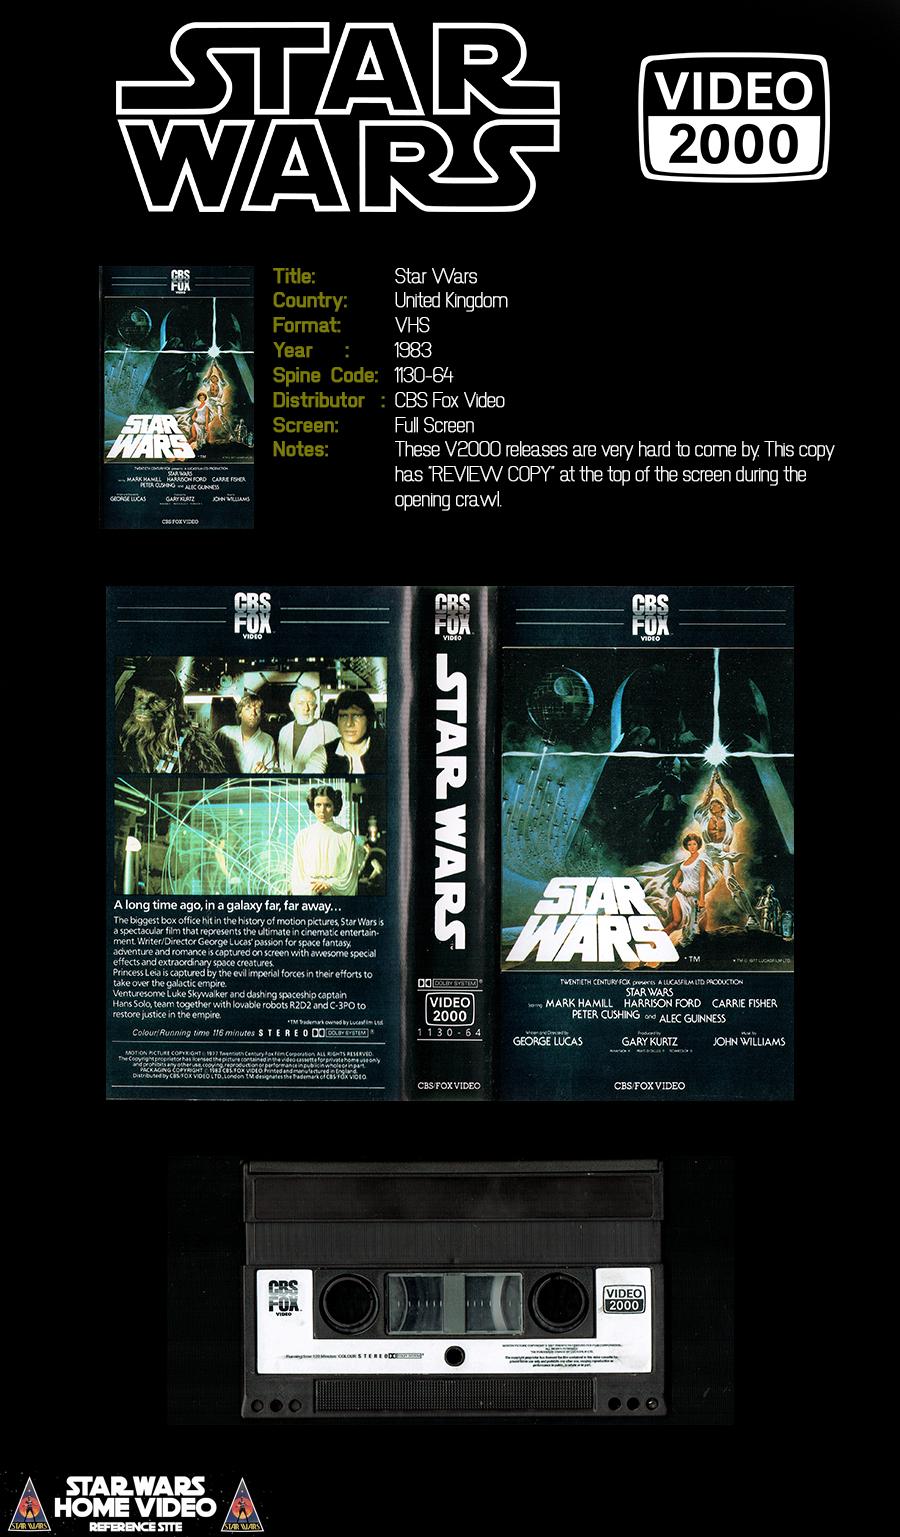 V2000 Star Wars